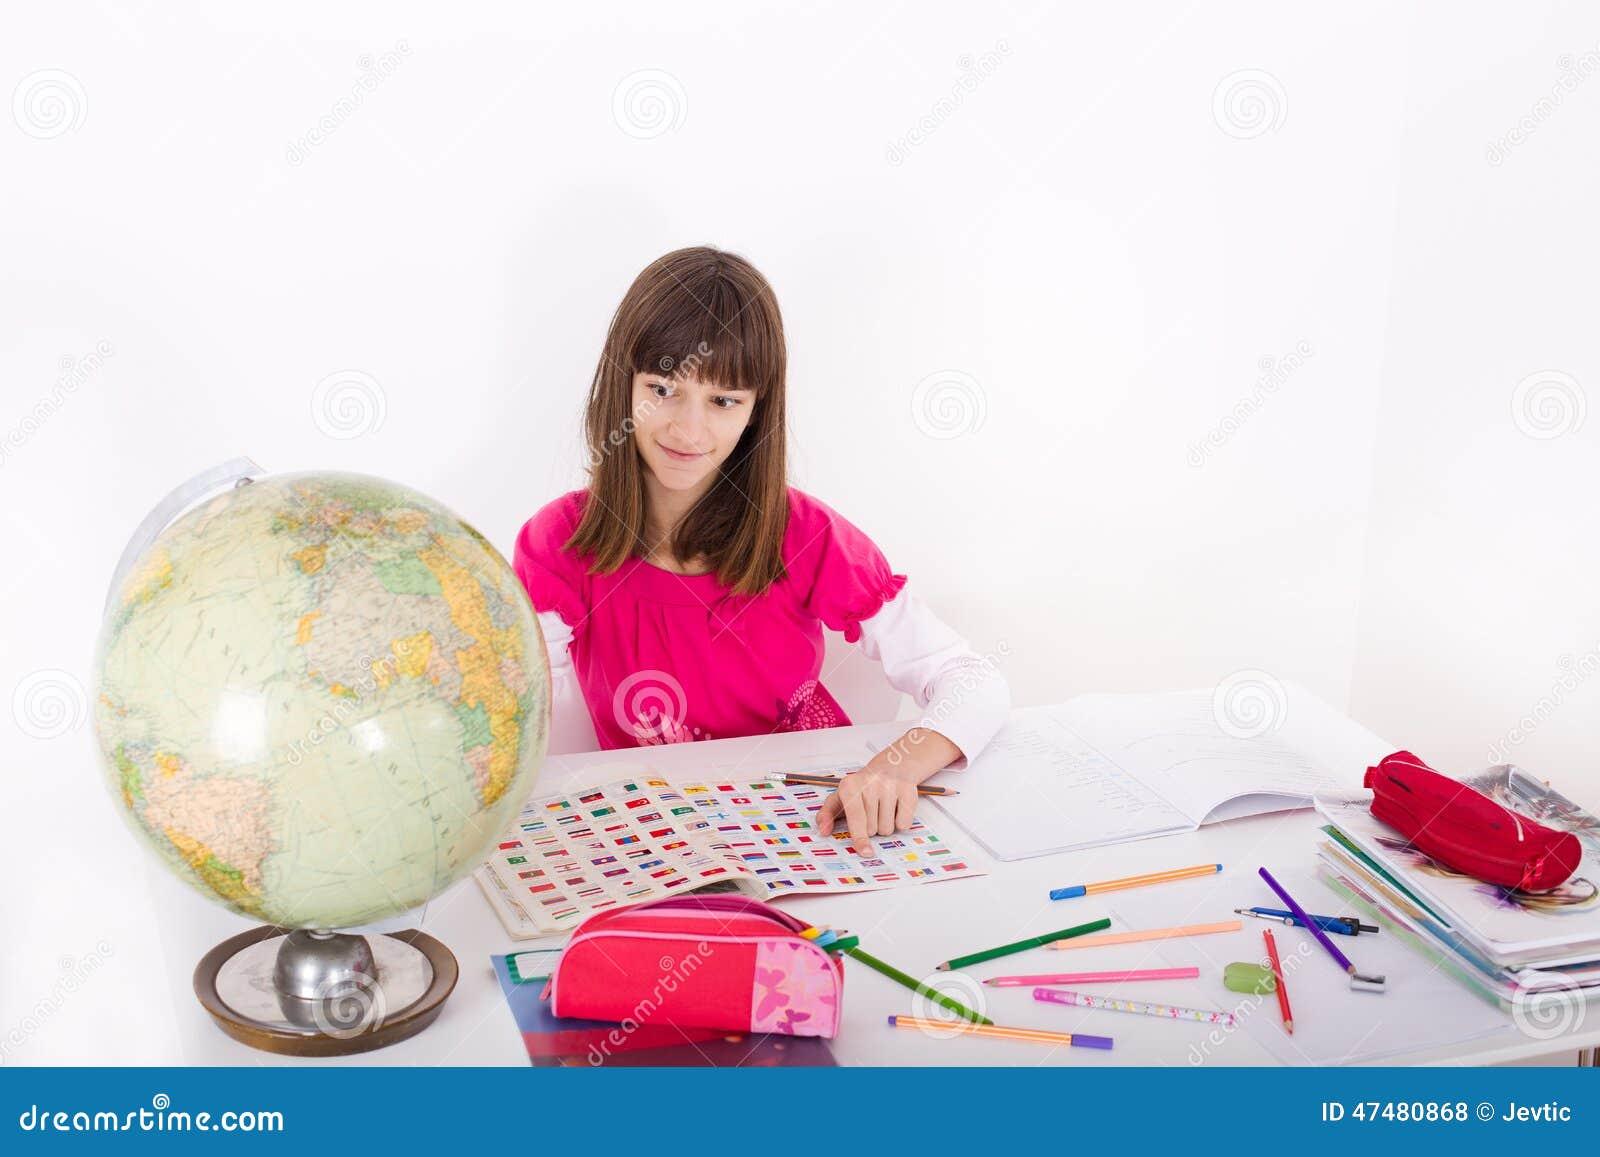 Geographie Studieren